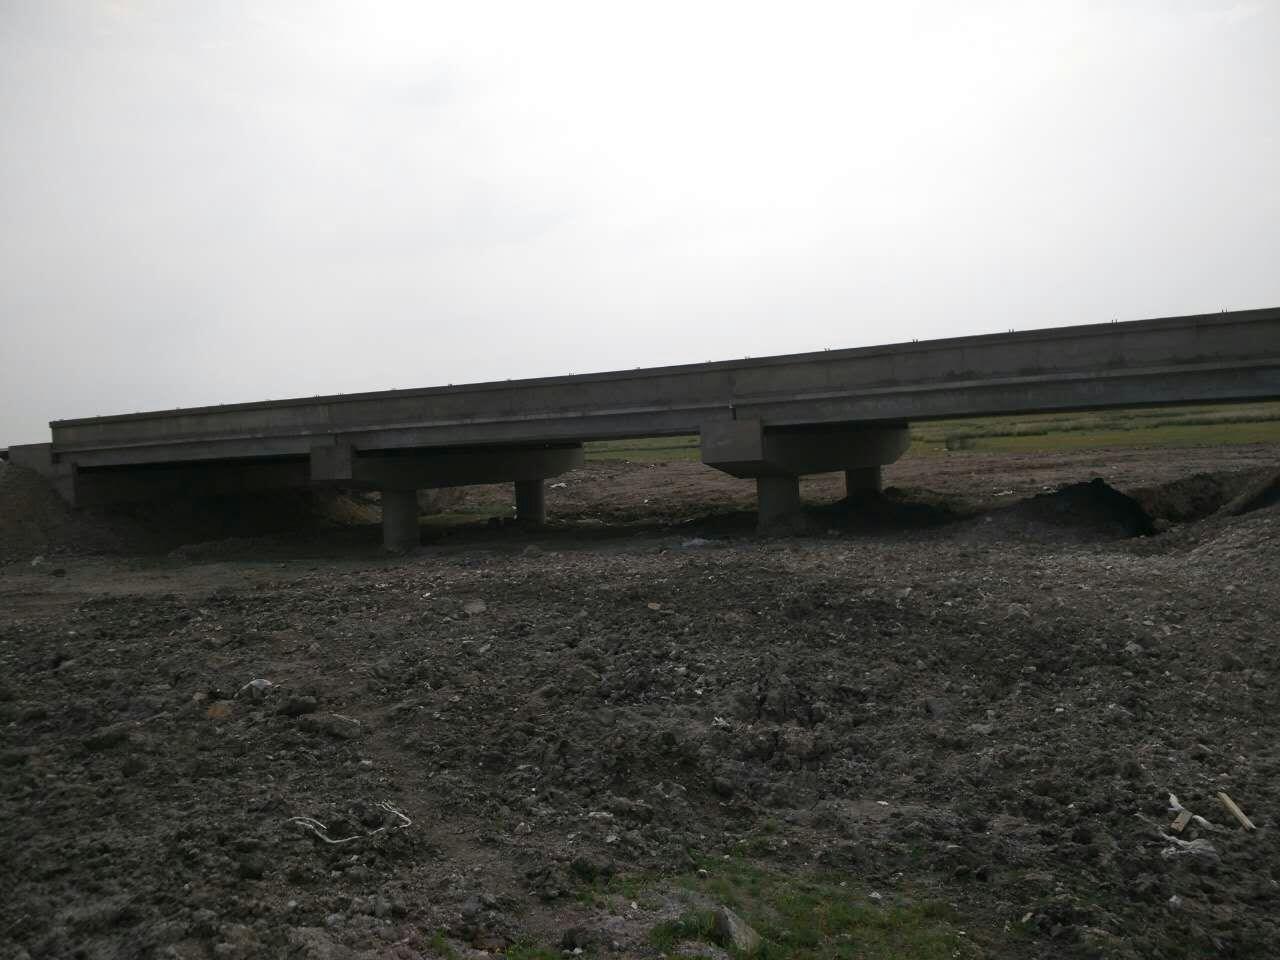 国道牙克石至四平公路新站至大安嫩江大桥段 程建设项目